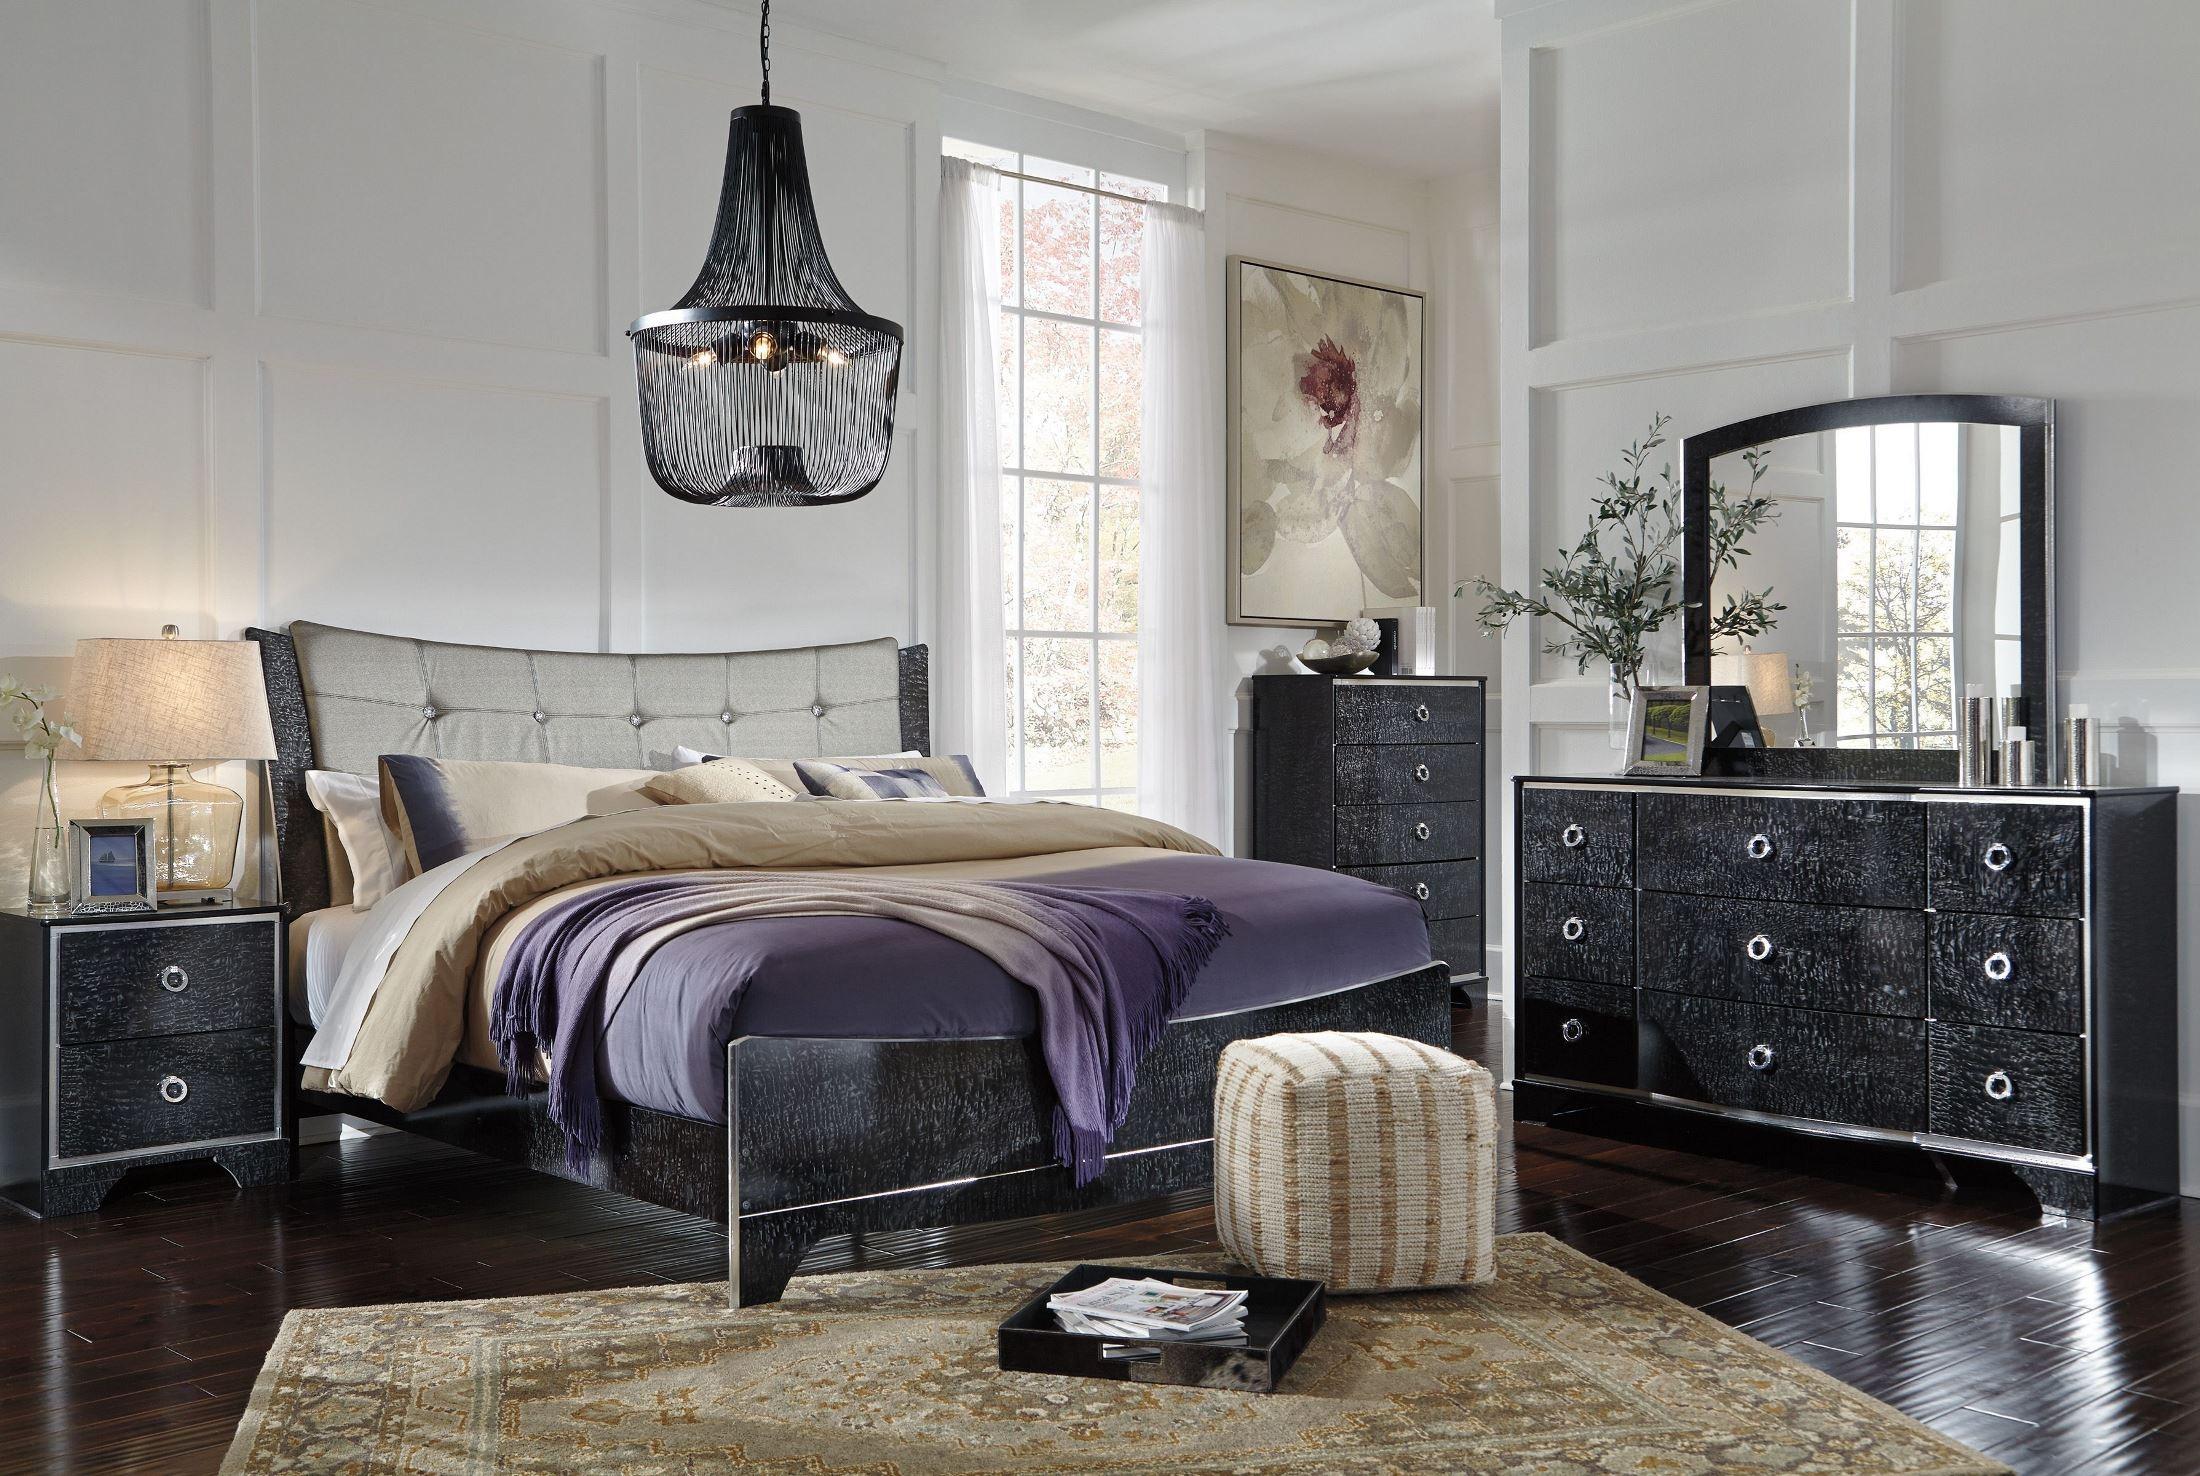 amrothi black panel bedroom set b257 57 54 96 ashley. Black Bedroom Furniture Sets. Home Design Ideas